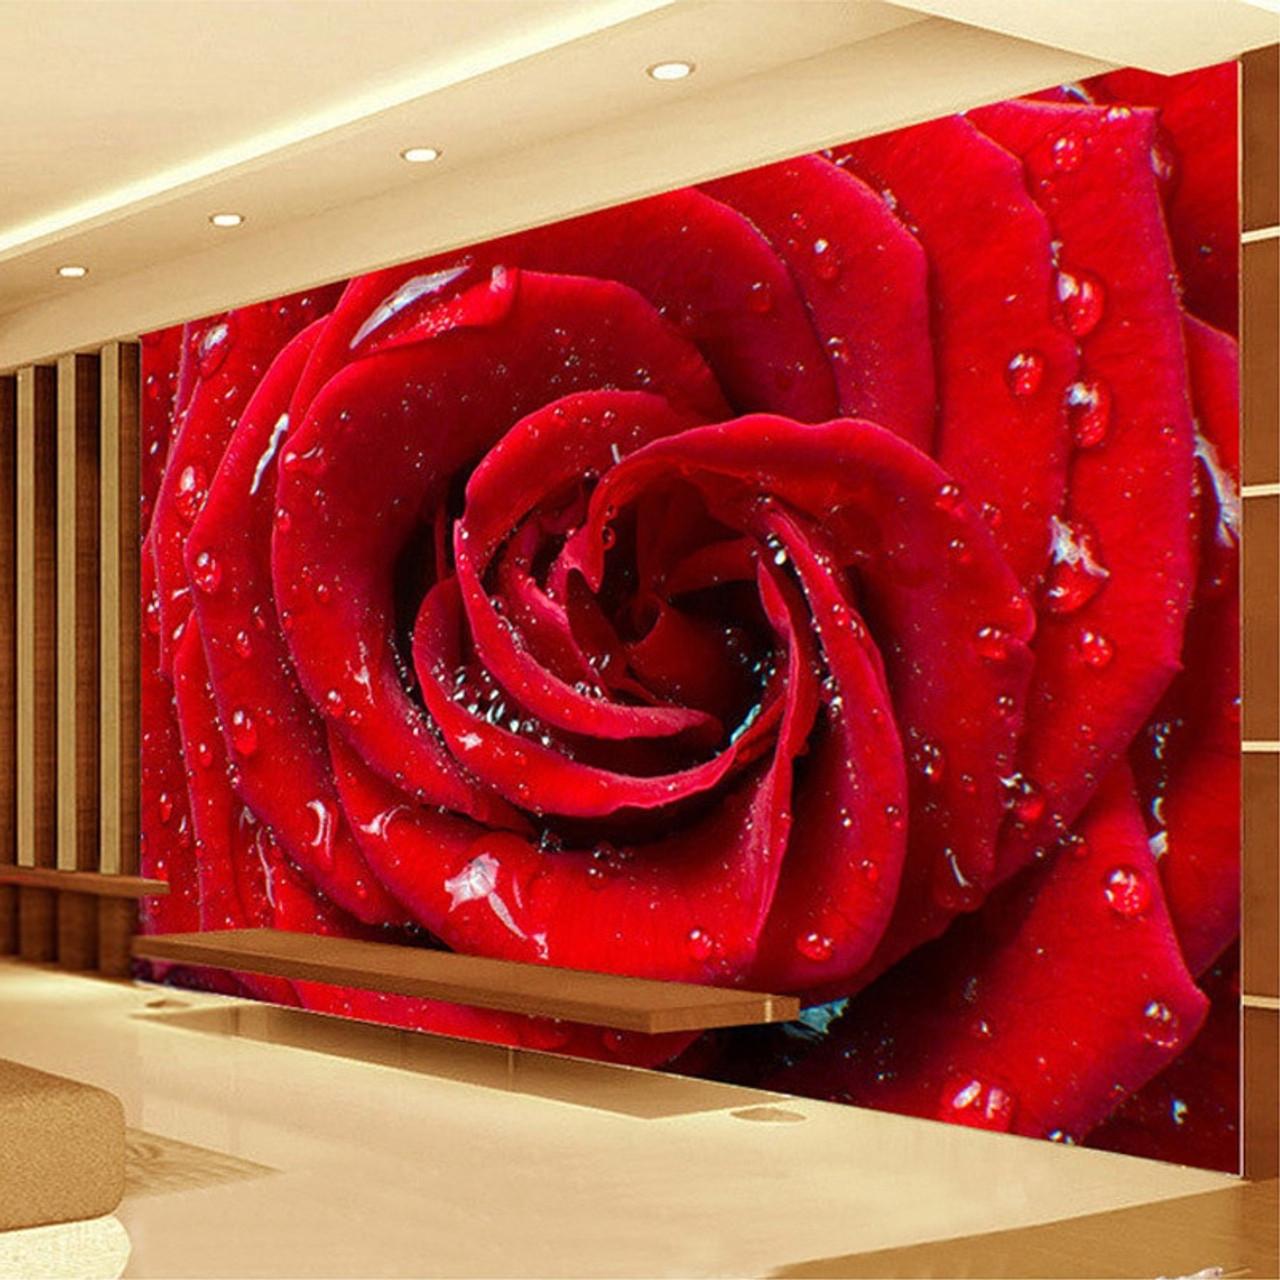 Large Custom Mural 3d Stereo Roses Flower Wallpaper Bedroom Living Room Tv Backdrop Home Decor Marriage Room Non Woven Wallpaper